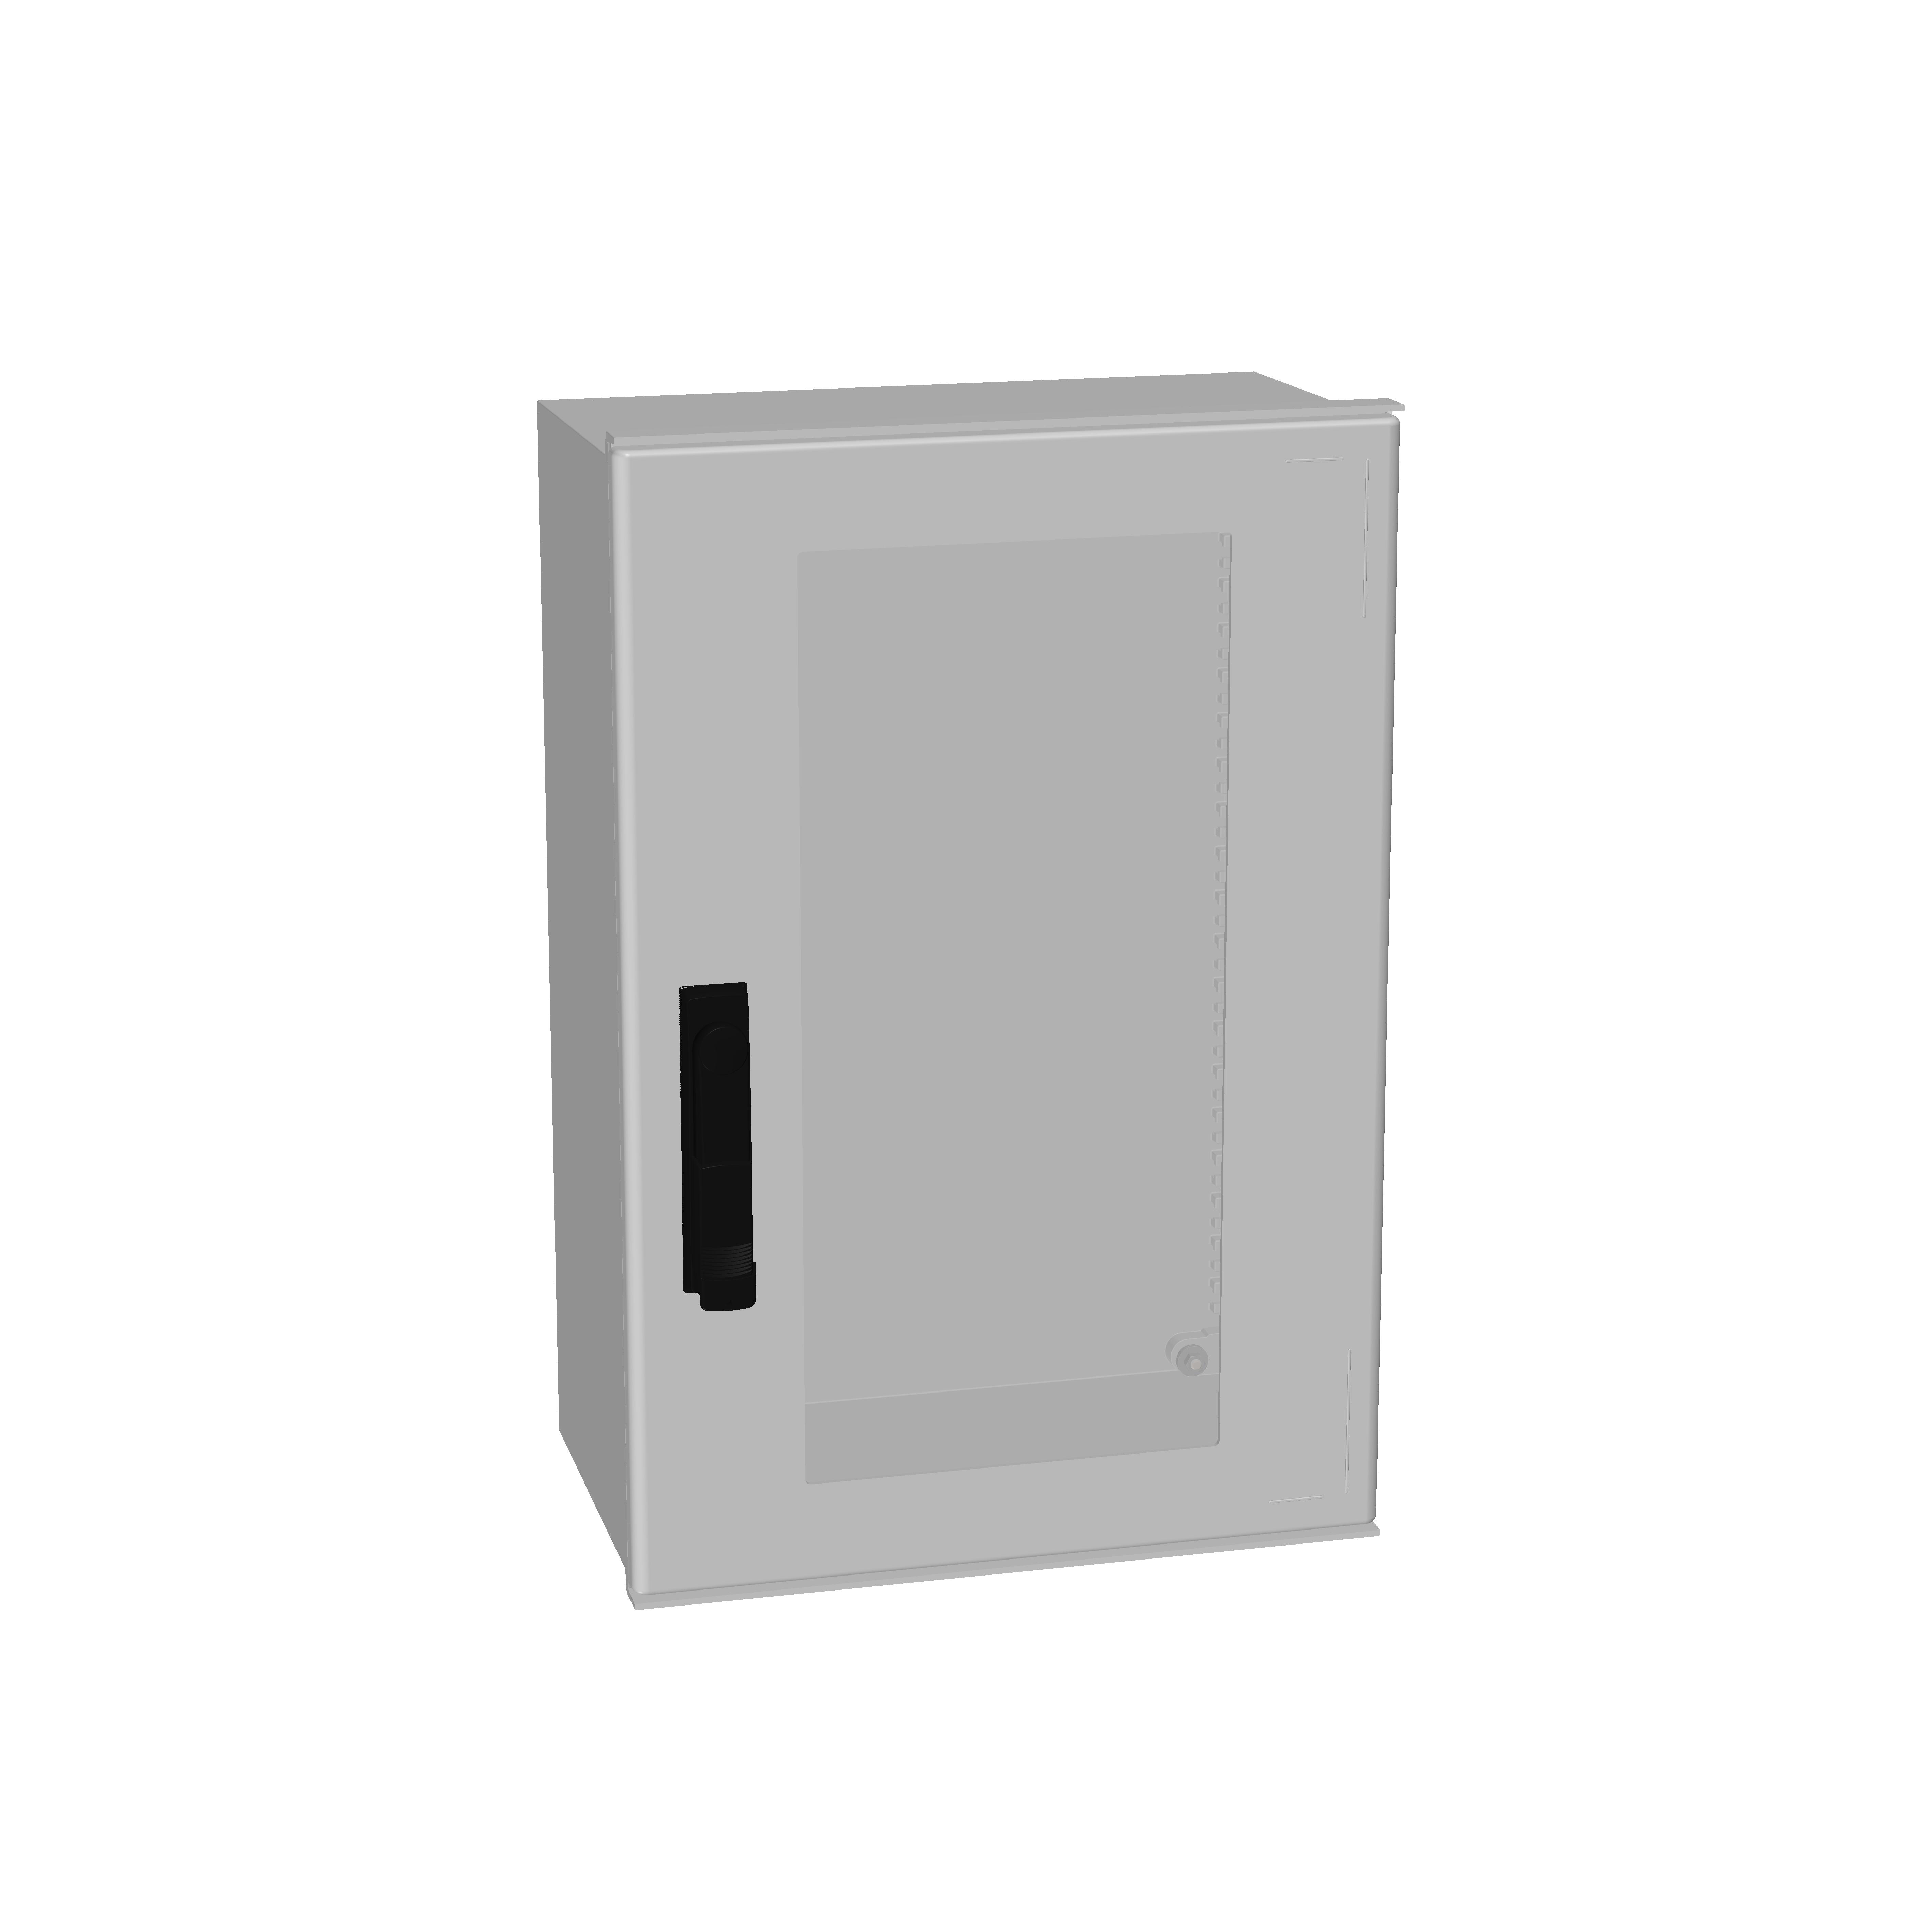 1 Stk Minipol-Wandschrank 3-Punkt Stangenverschl.+SF 600x400x230mm IM088964--